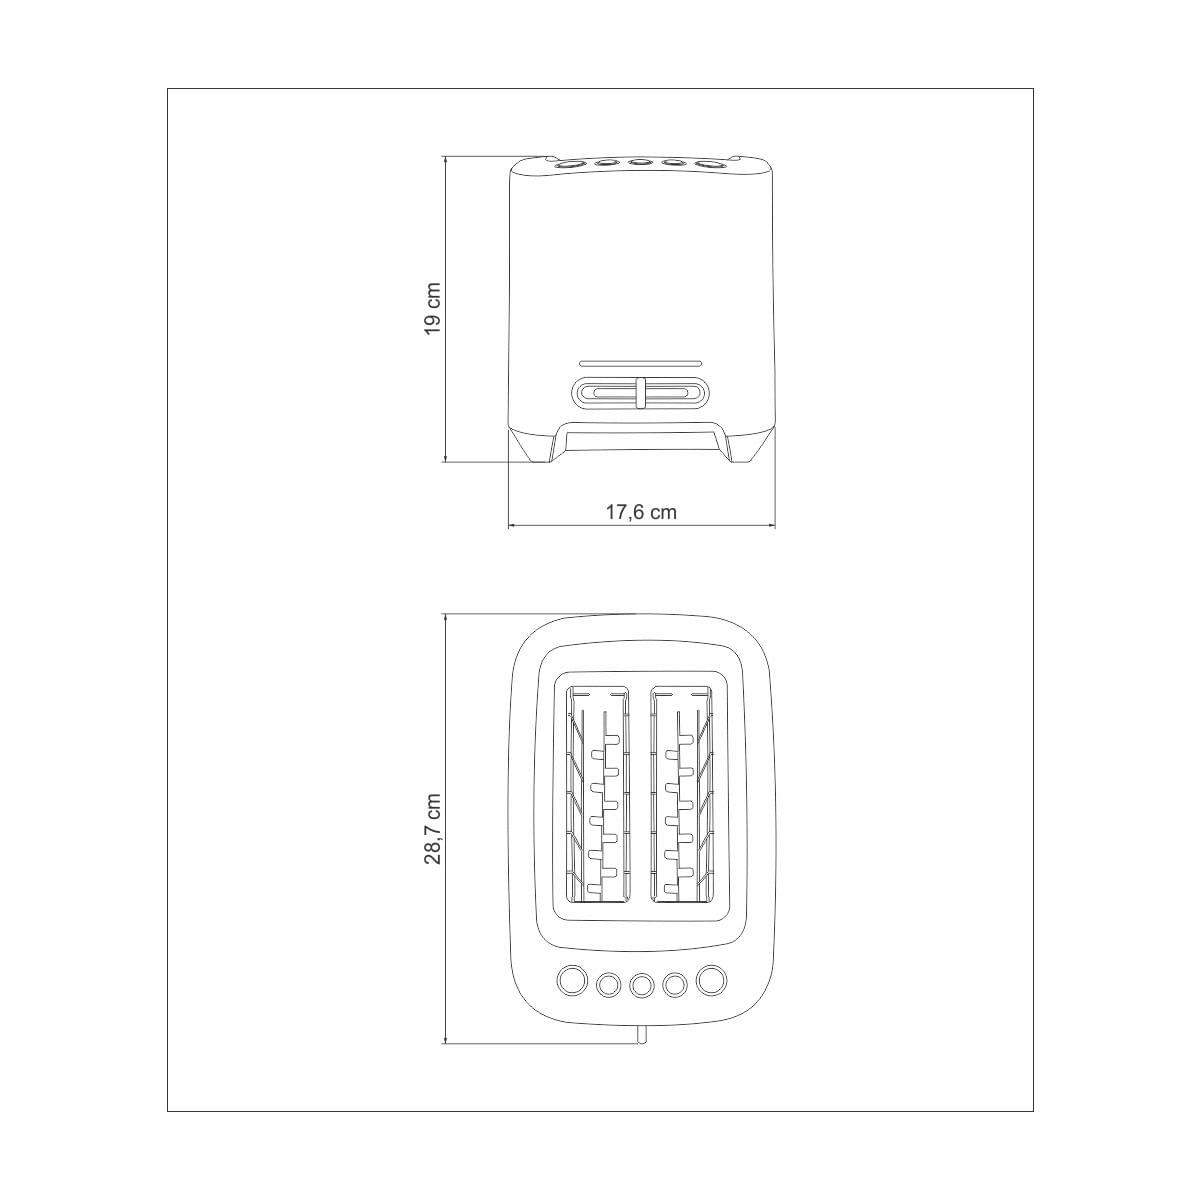 Torradeira Tramontina by Breville Smart em Alumínio Fundido 220 V